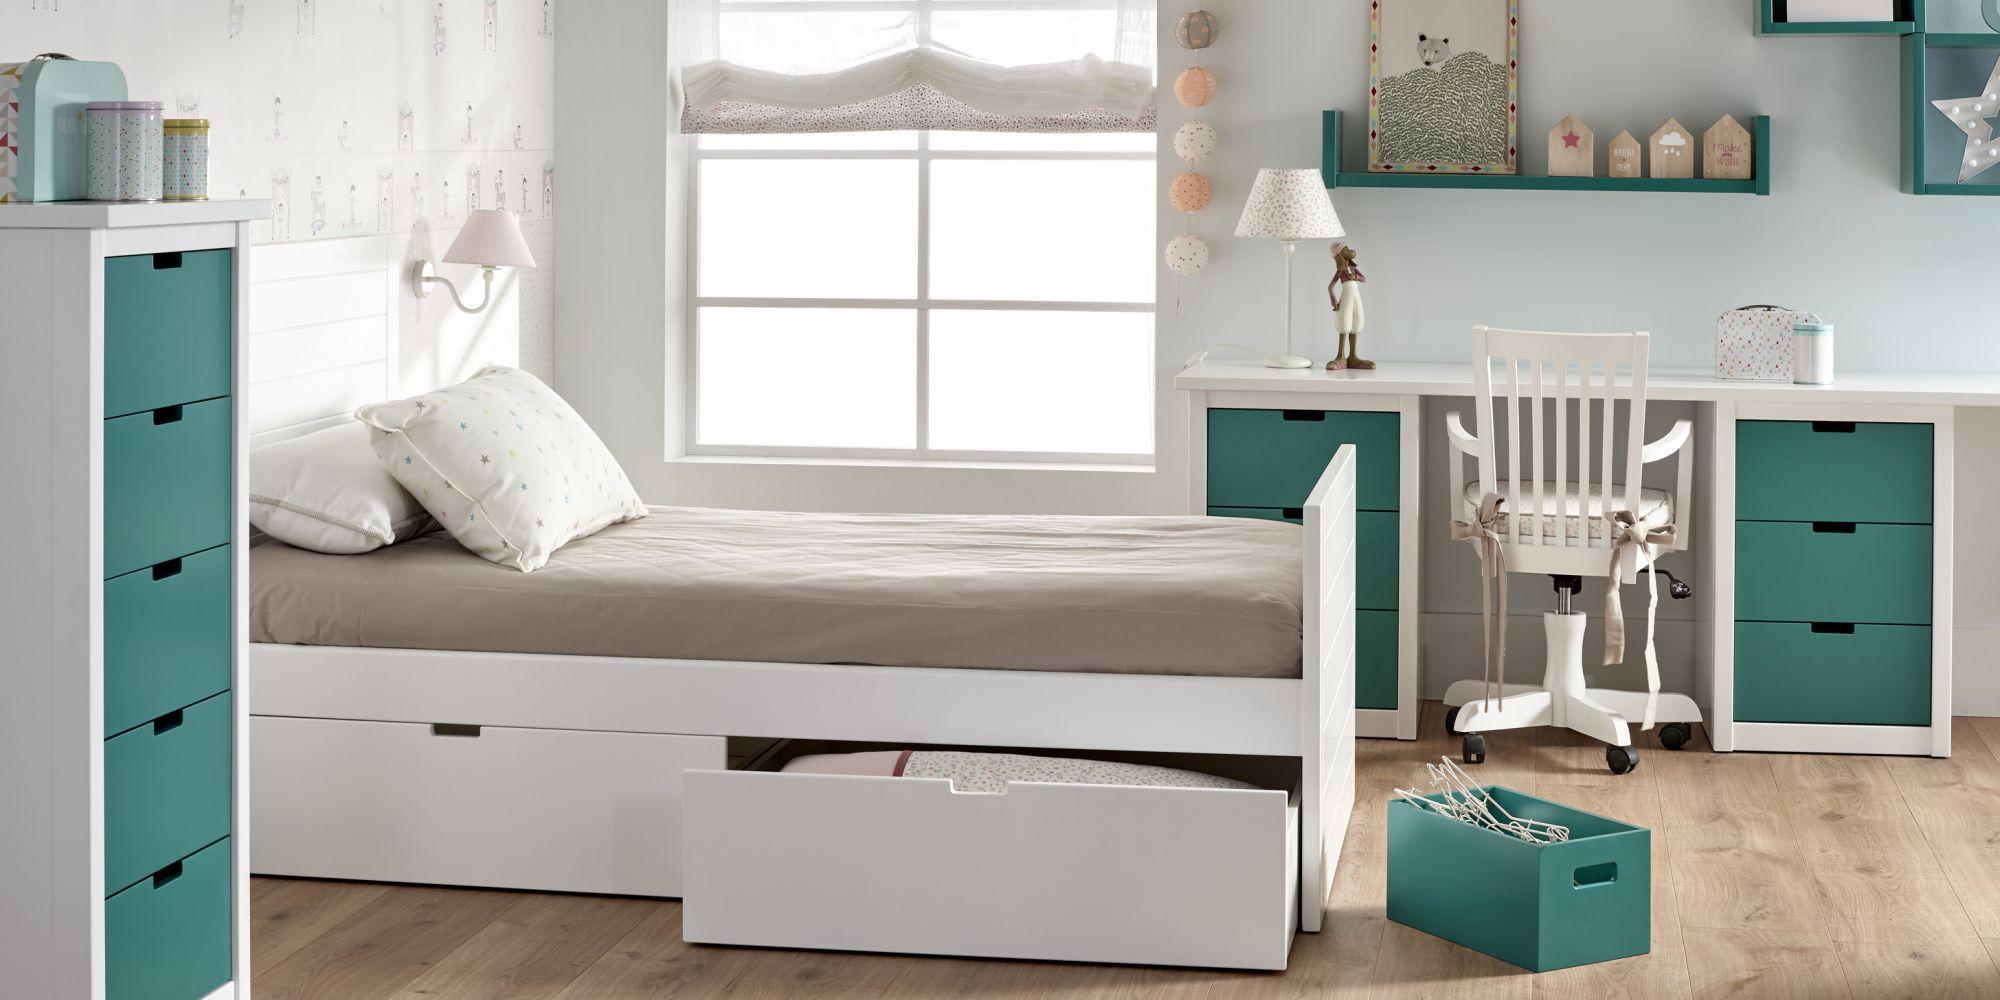 Cama individual con 2 cajones inferiores mas chiffonier ideal para habitación juvenil | Mueble Infantil